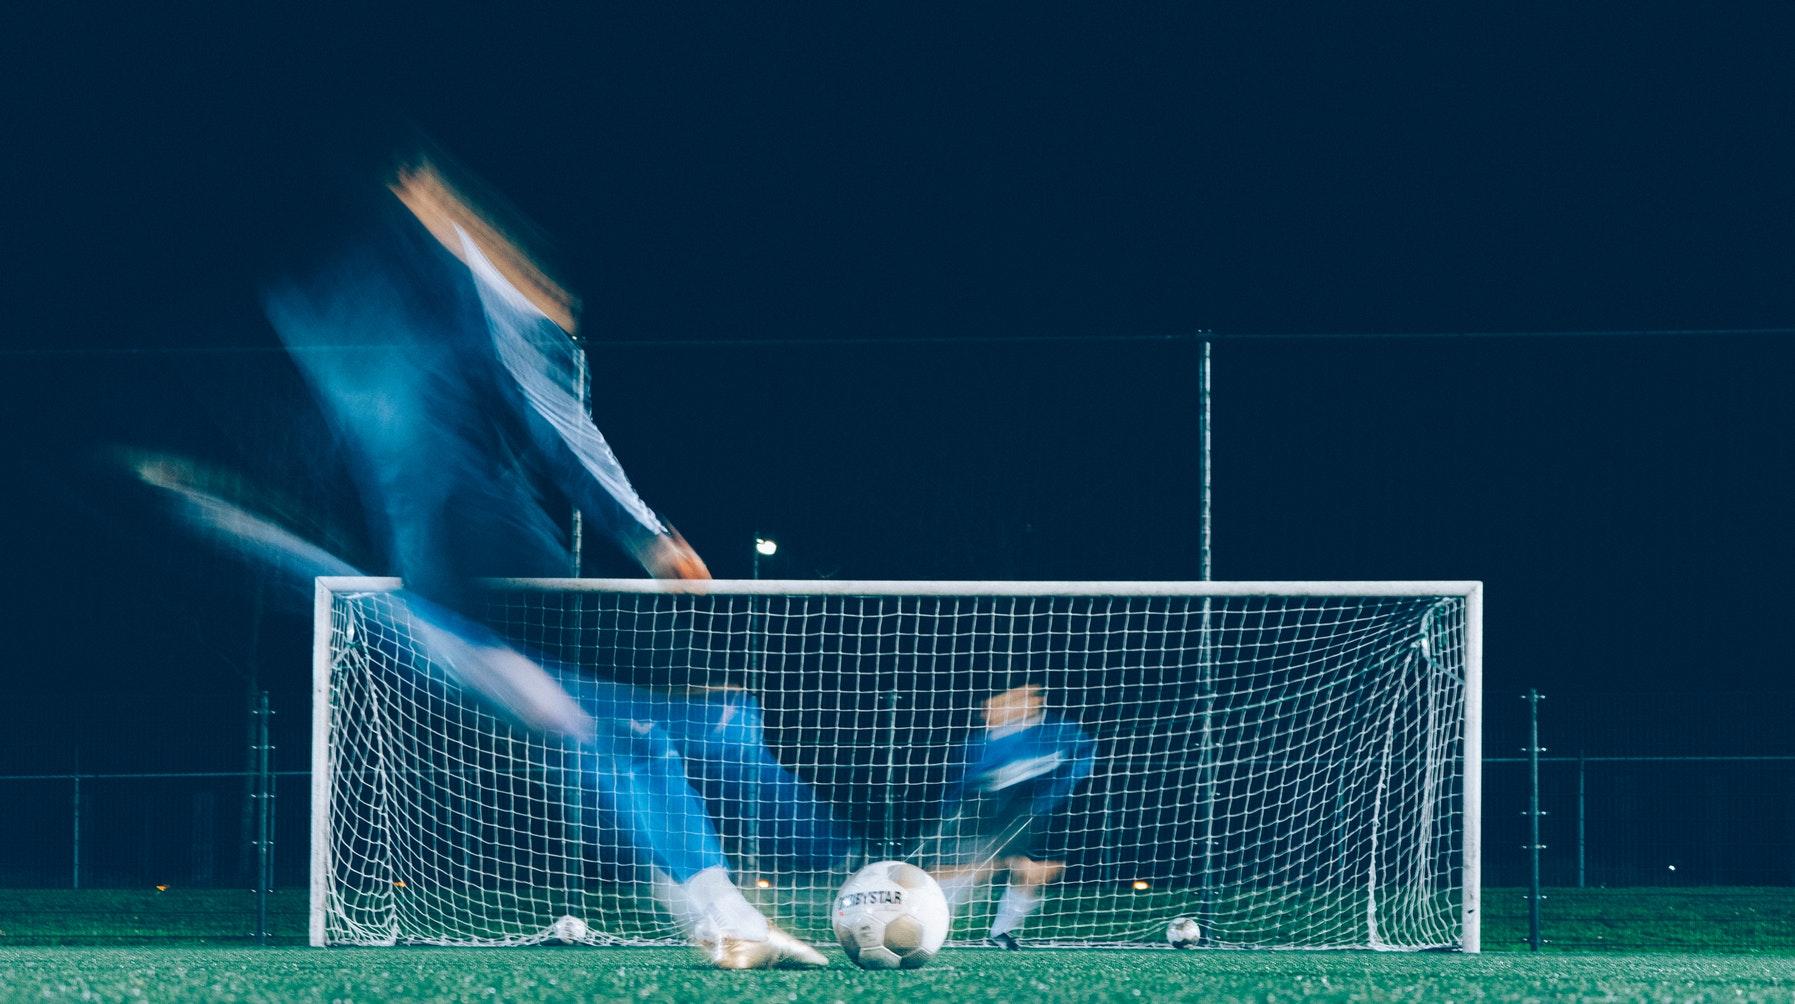 Schönes Spiel! - Andreas Lerch & Andreas Schill